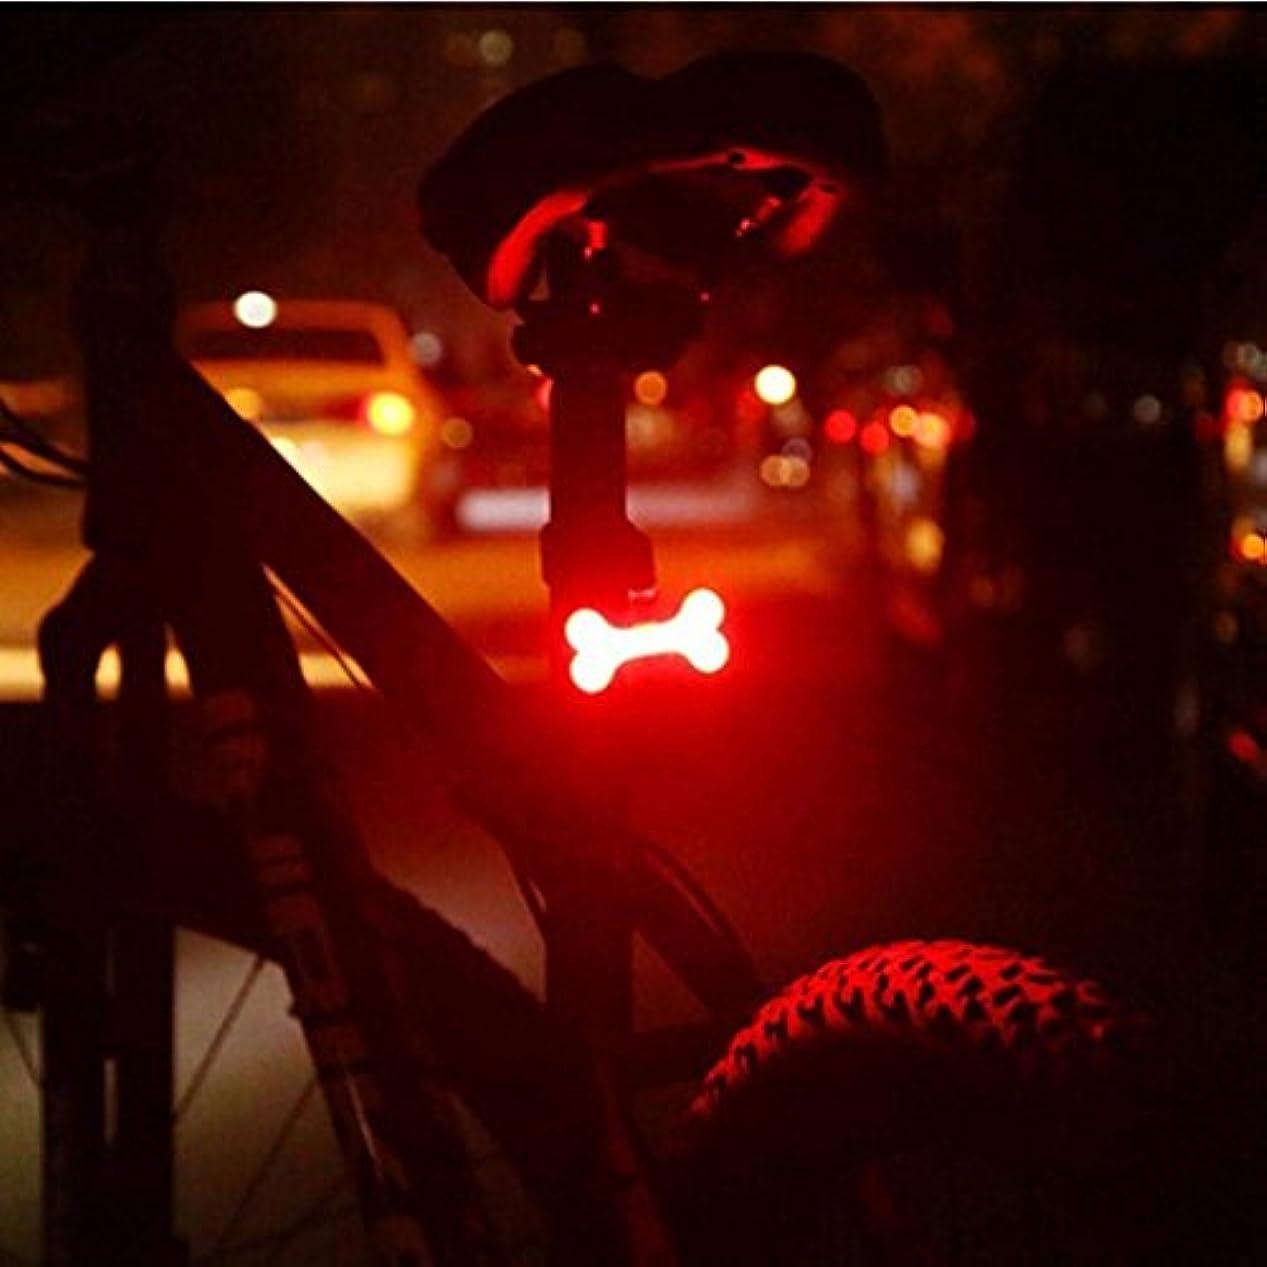 ポルトガル語曲げる配分Funnyu 自転車 テールライト USB充電式 セーフティライト5種の点灯モード 高輝度 IPX4防水ライト クリエイティブLED リアライト 防水夜間子供安全対応 夜勤など対応